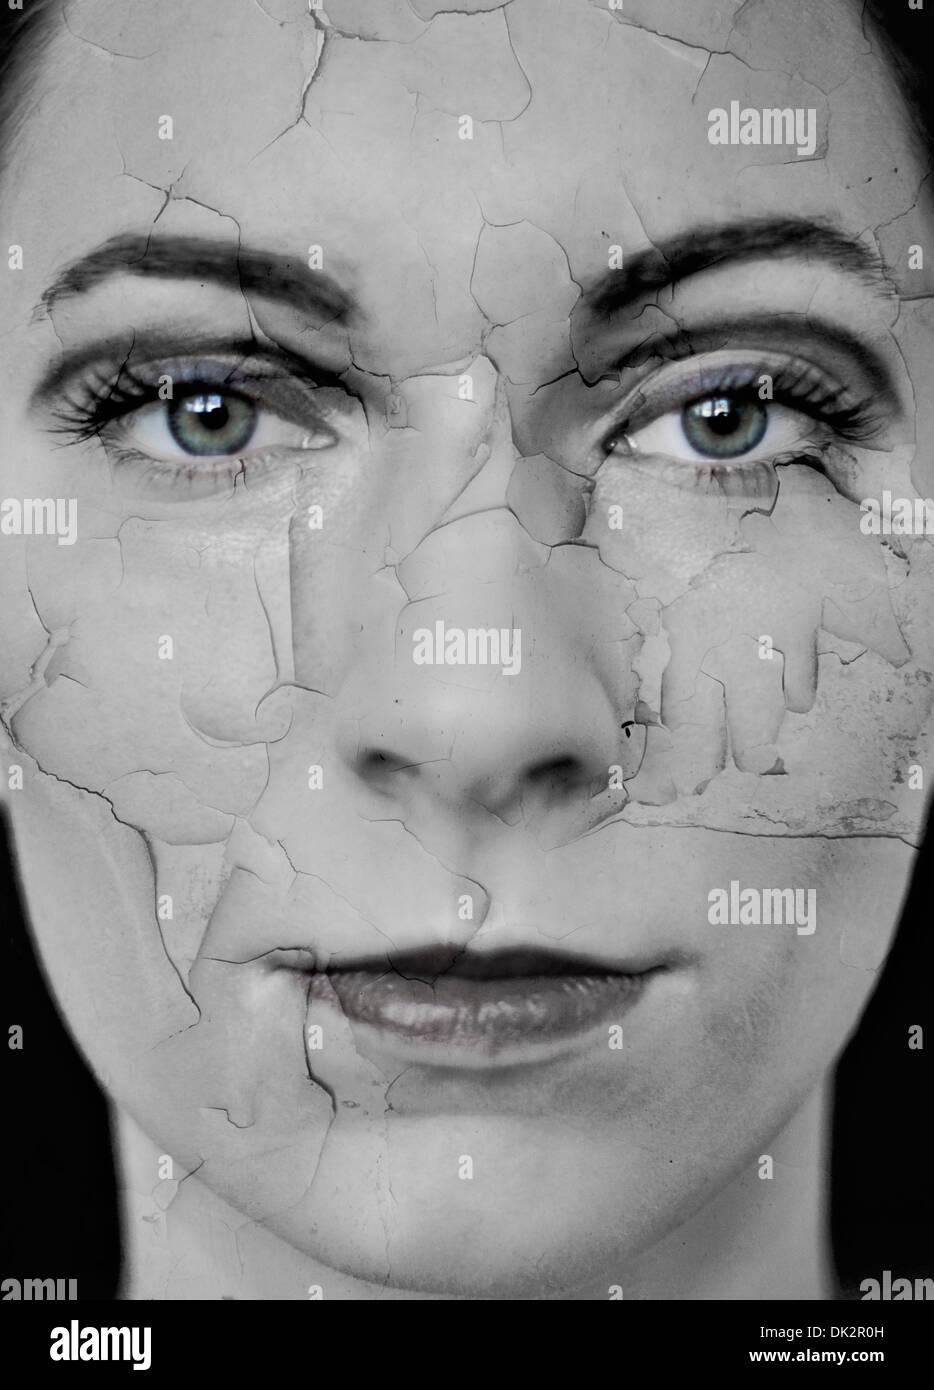 Donna con secchi pelle incrinato, composito digitale Immagini Stock